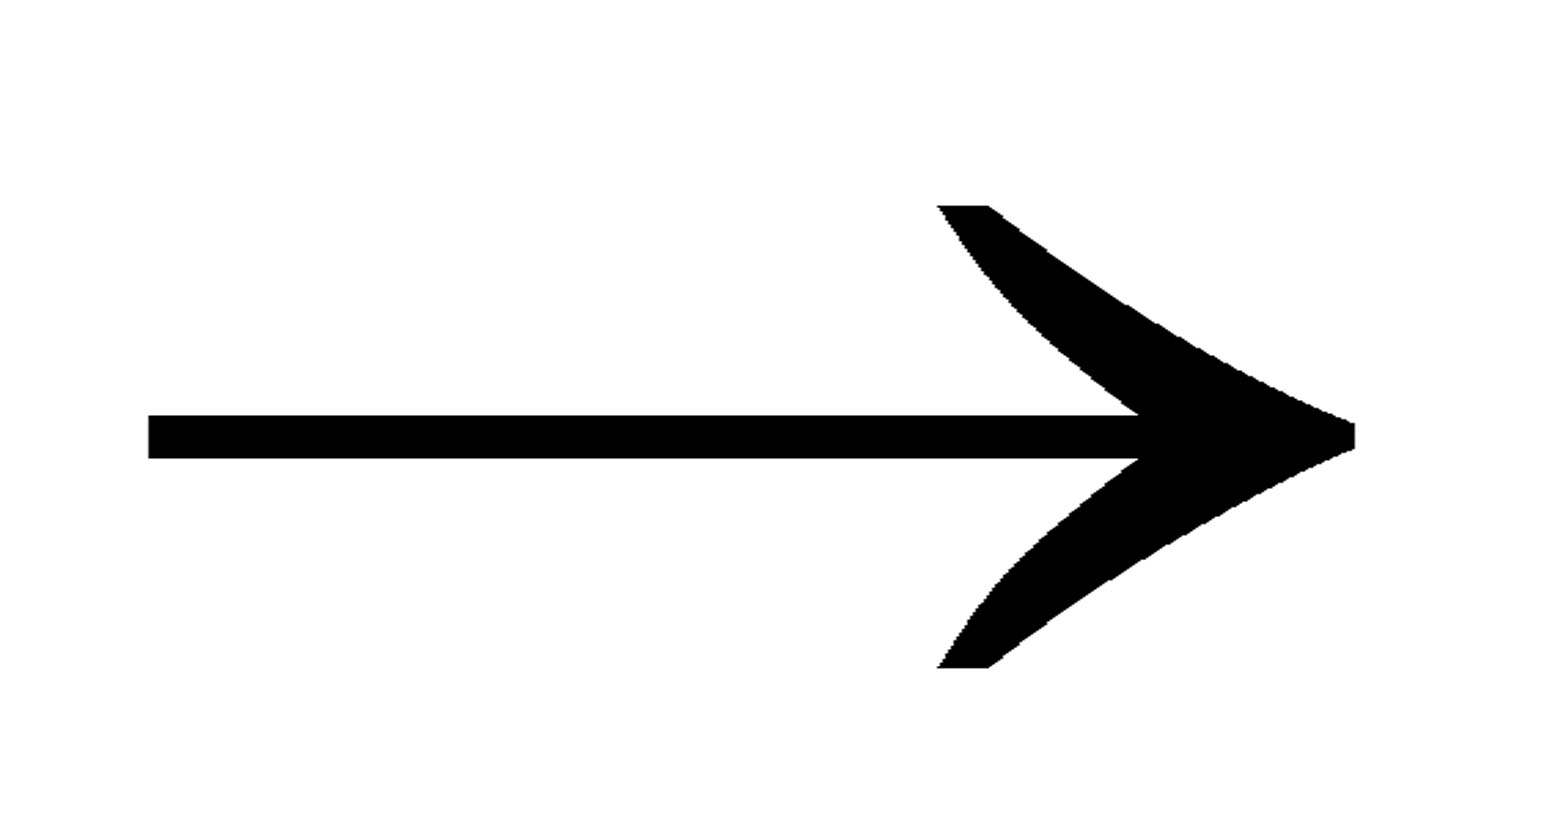 Fancy arrow black clipart - ClipartFest clipart stock